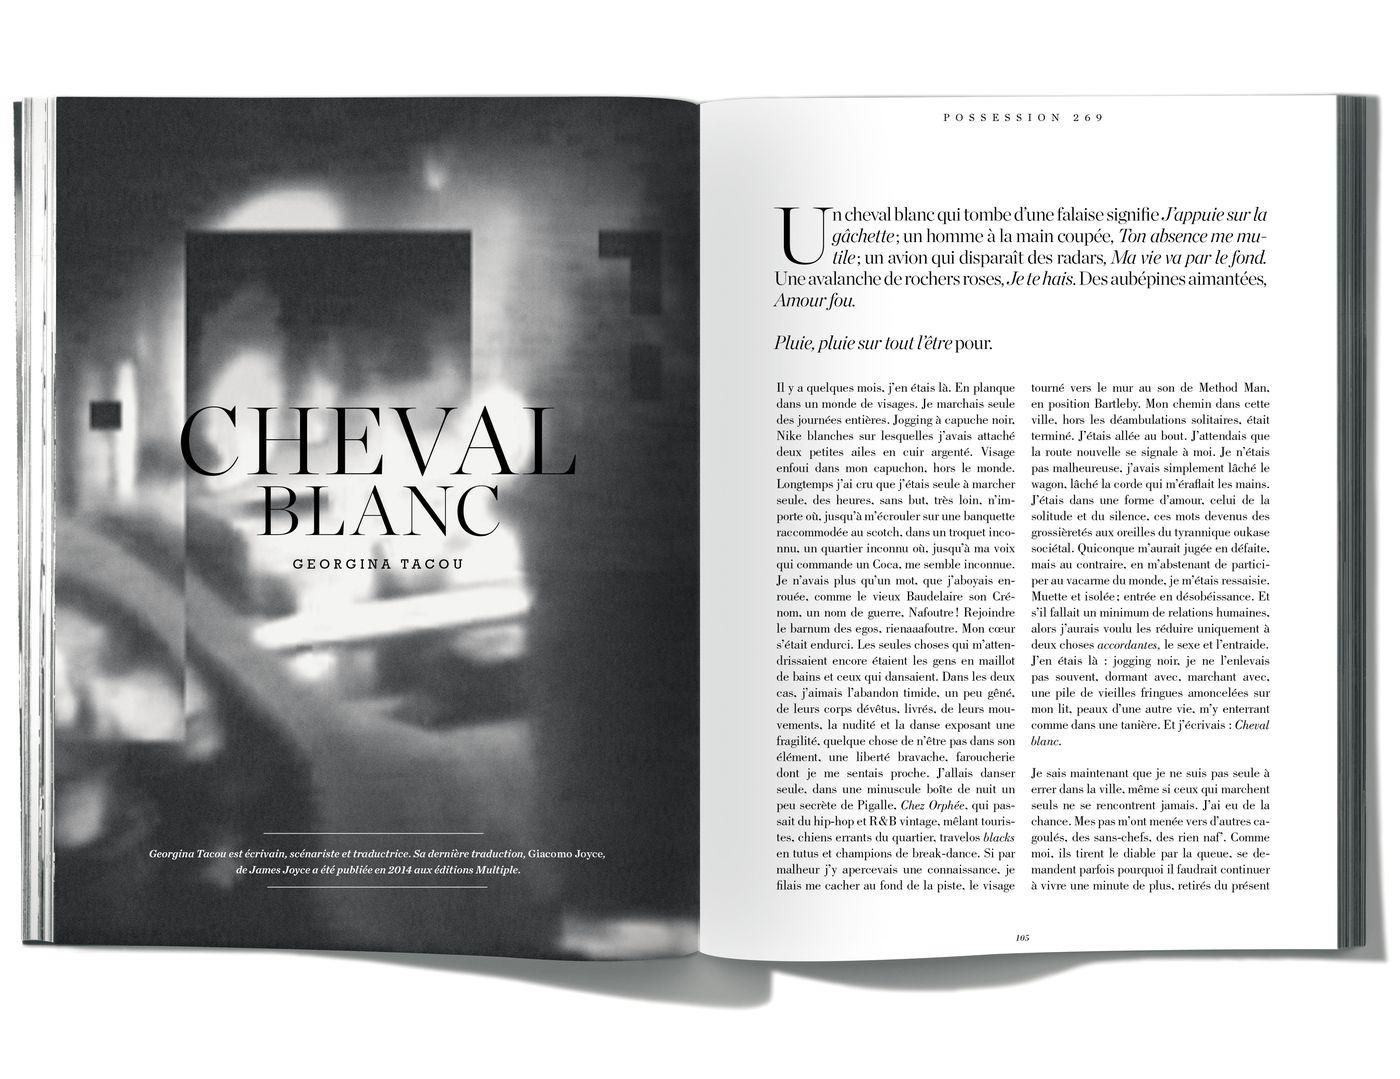 Texte de Georgina Tacou, Cheval blanc